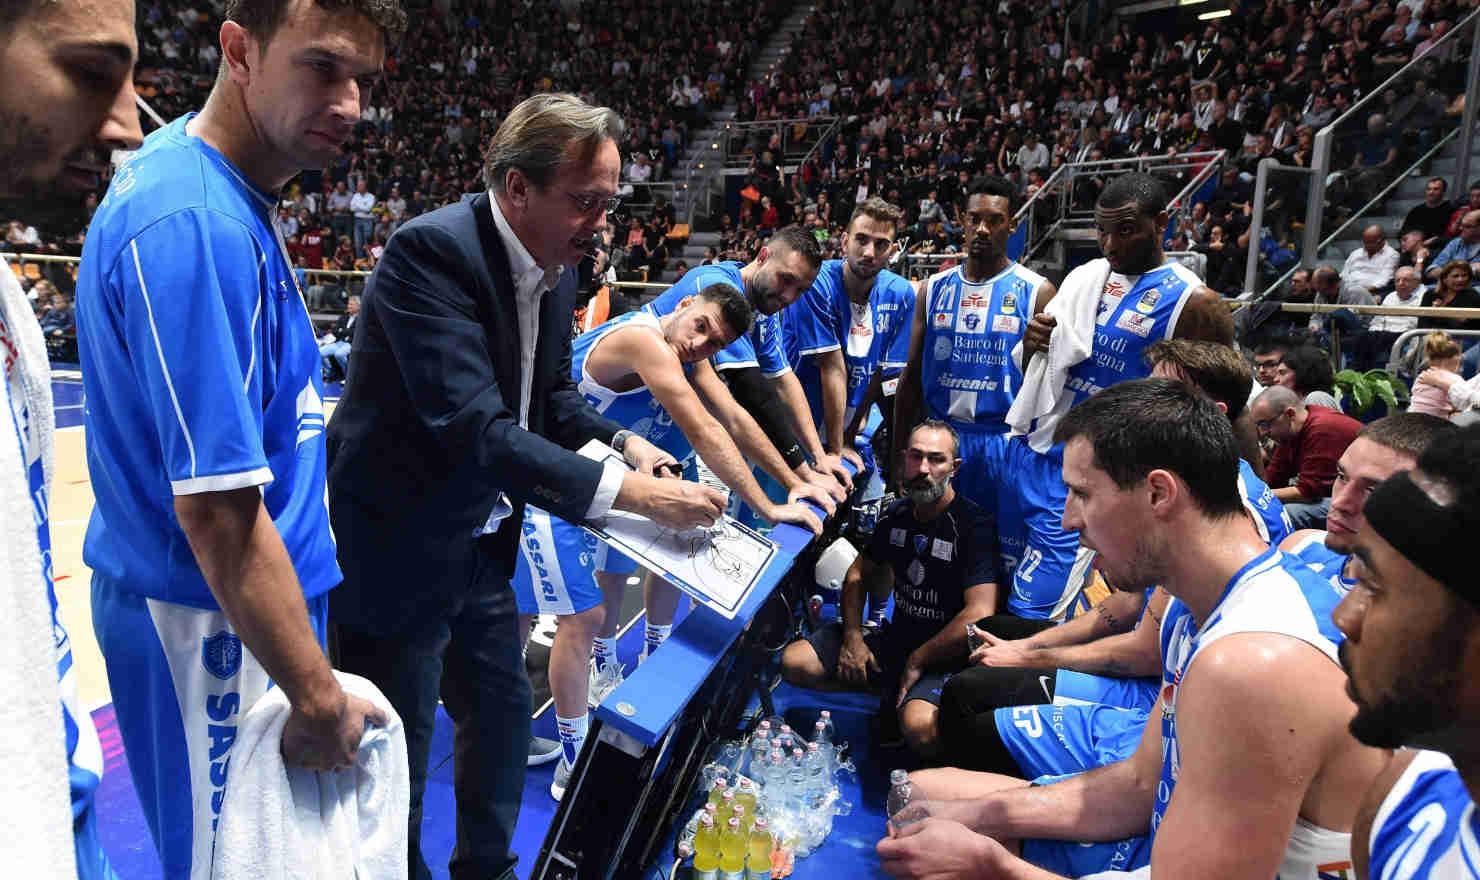 Lega A PosteMobile 2017-18: a Sassari si dimette Federico Pasquini da Head Coach per ricoprire il ruolo di General Manager